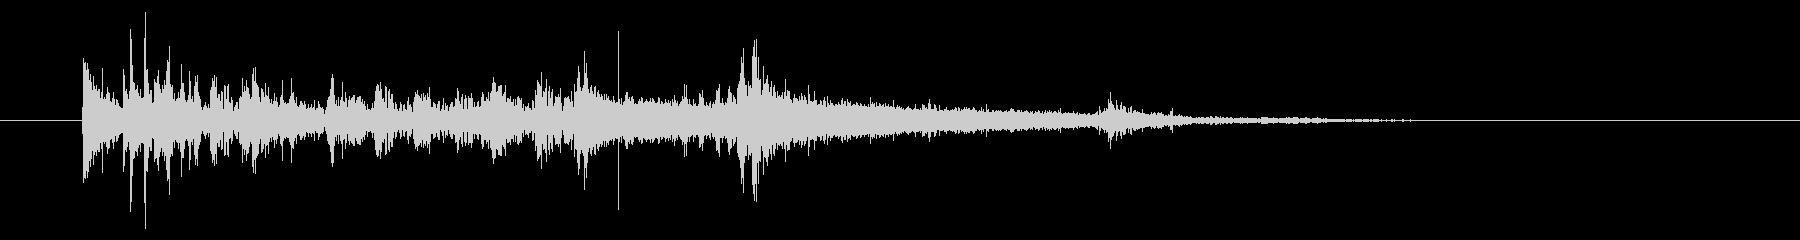 鳴き声とドラムのジングルの未再生の波形